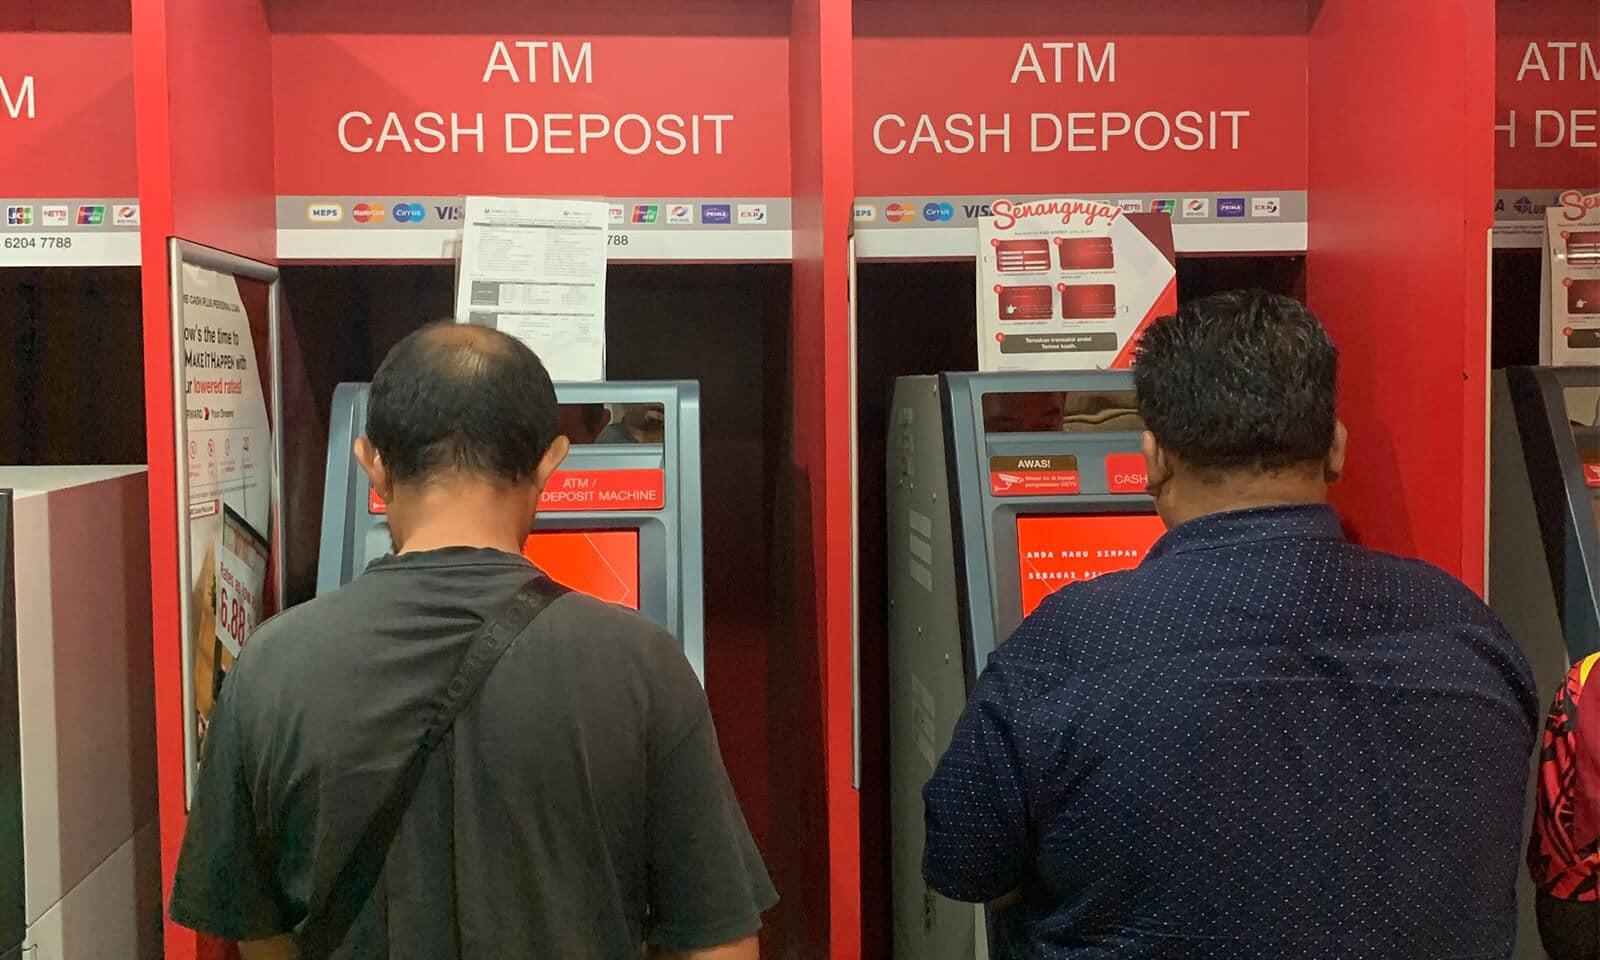 Le système bancaire en pleine mutation à l'île de La Réunion